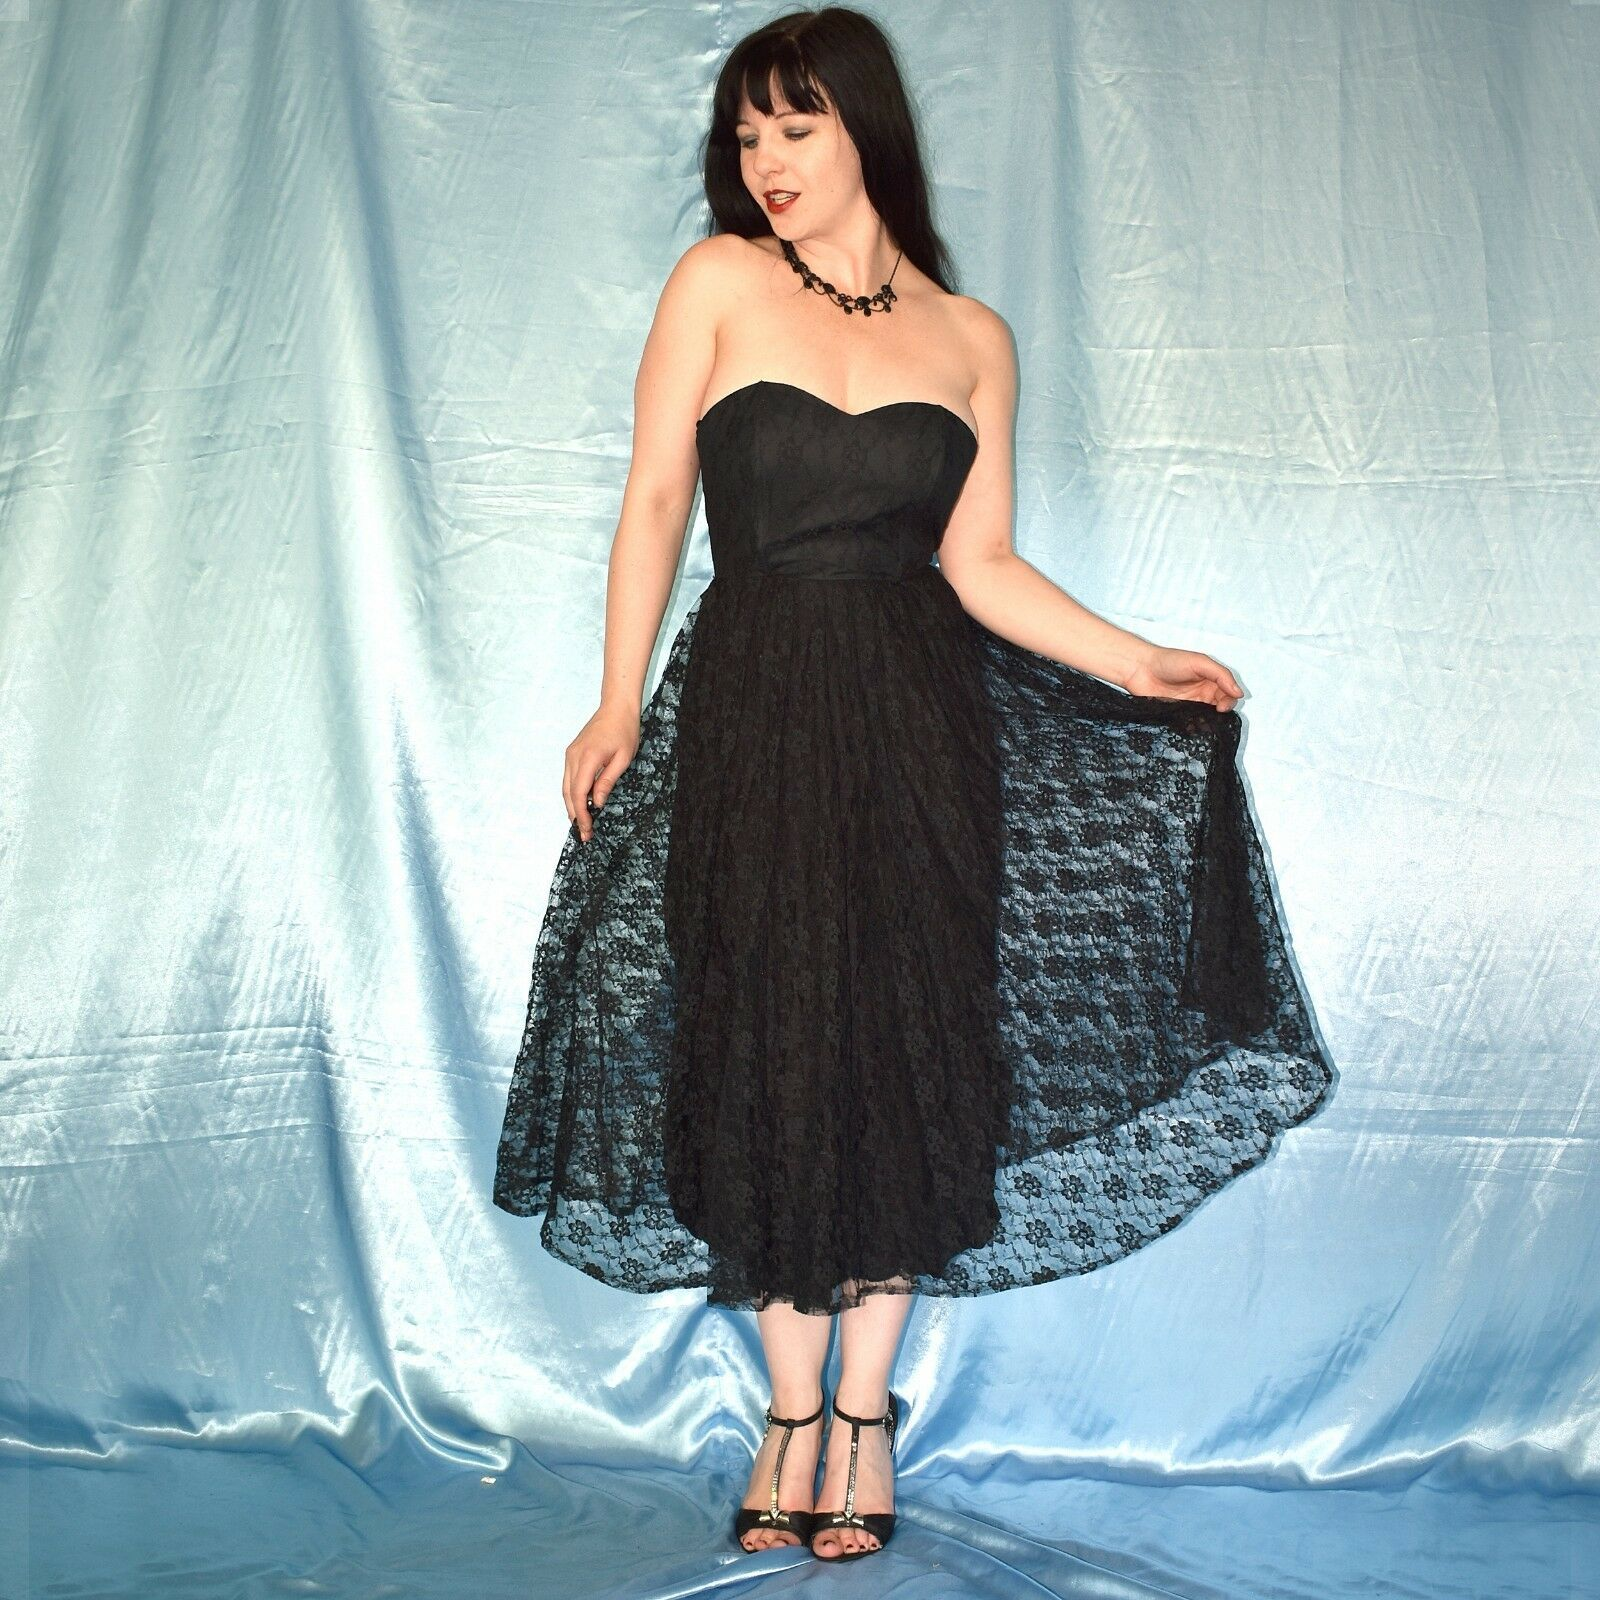 schwarzes GOTHIC SOMMERKLEID XS 12 Spitzen Abendkleid Etuikleid